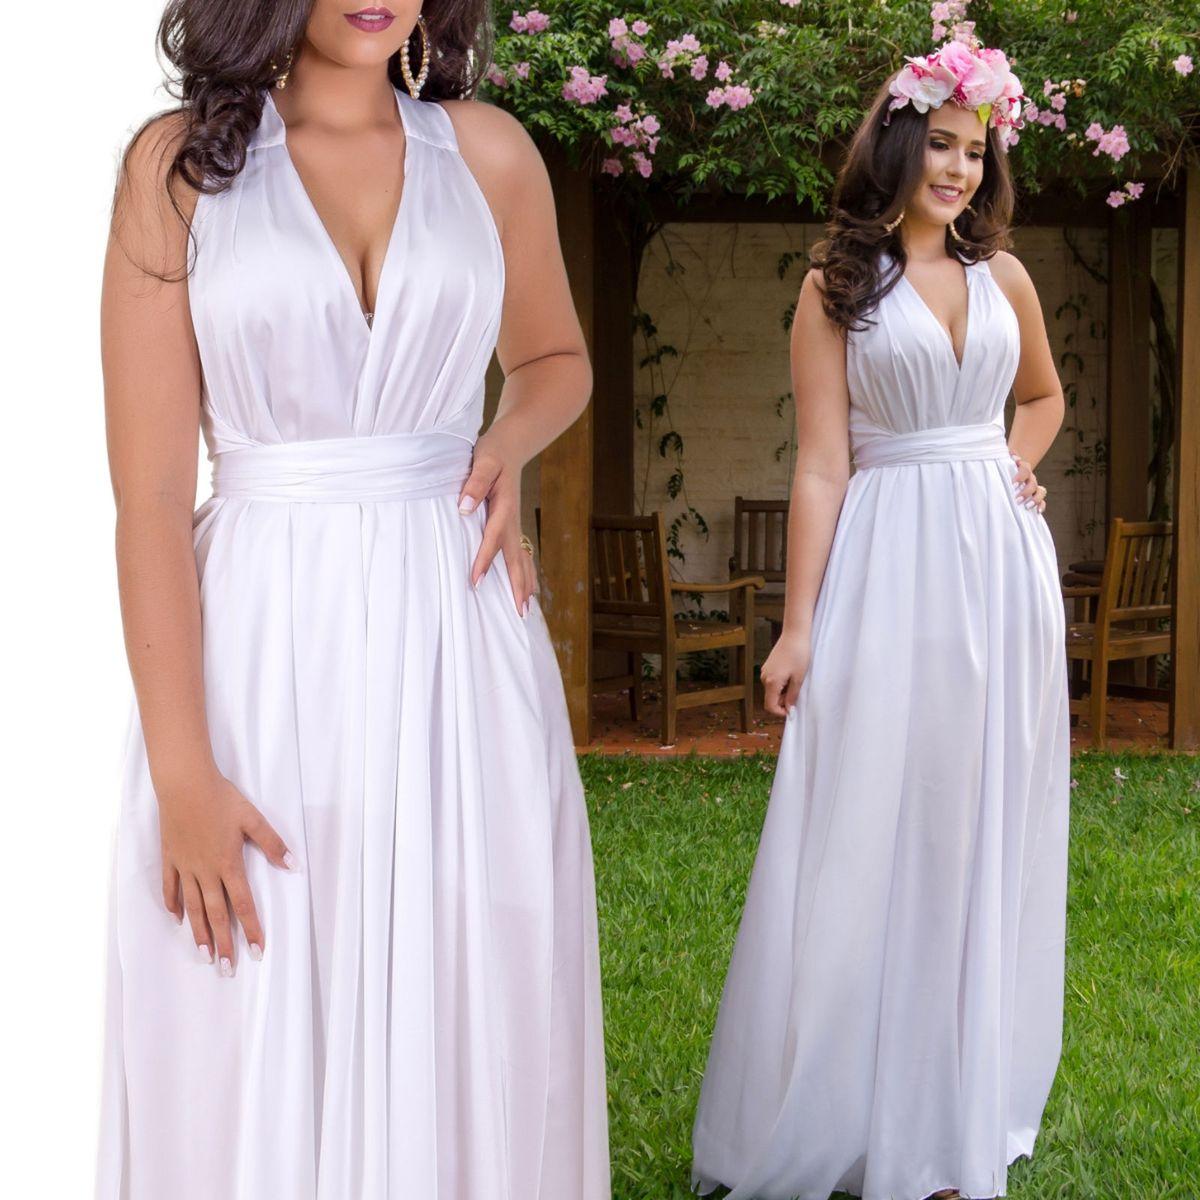 129dec475f7c Vestido Noiva Liso Pre Wedding, Casamento Civil Ou Campo Ou Praia, Vestido  Noiva Luxo   Roupa de Casamento Feminina Midora Fashion Nunca Usado  30728949   ...